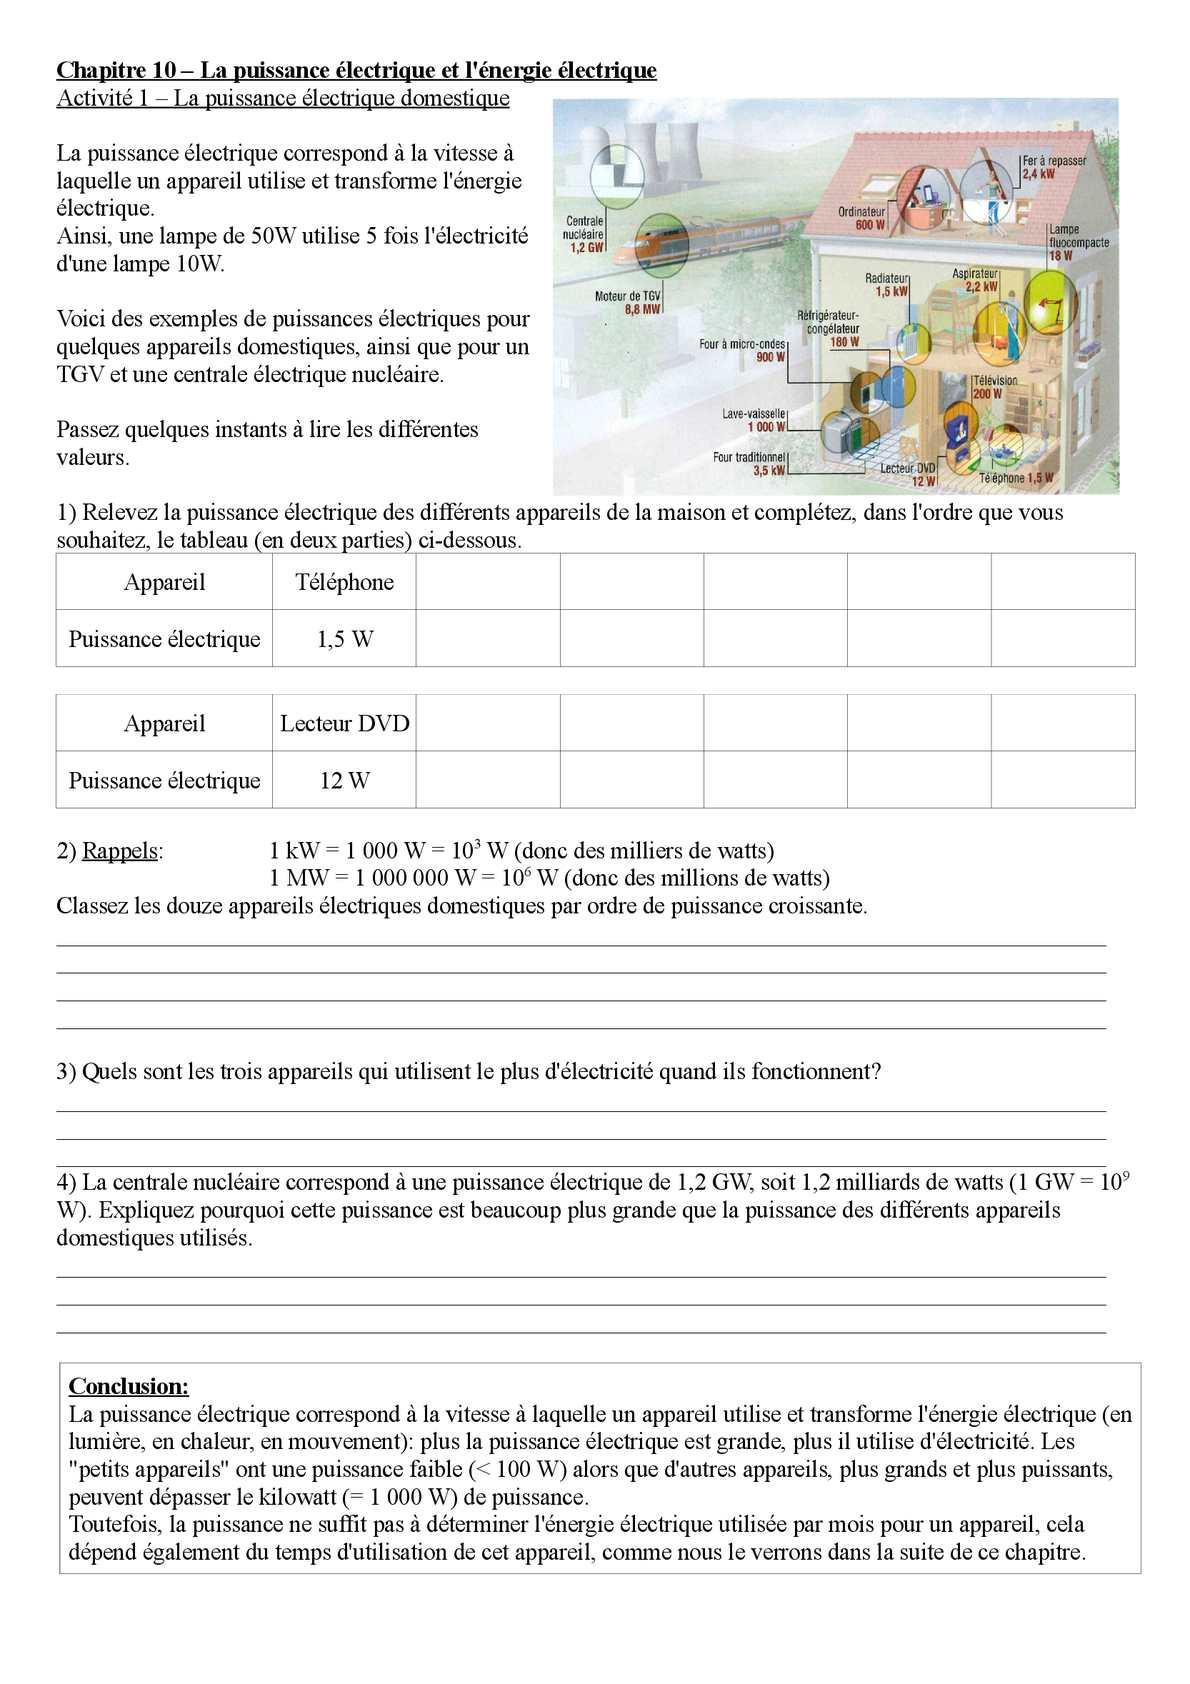 Calaméo - 3E - Chapitre 10 - Fiche 1 Puissance Électrique concernant Puissance 4 A Deux